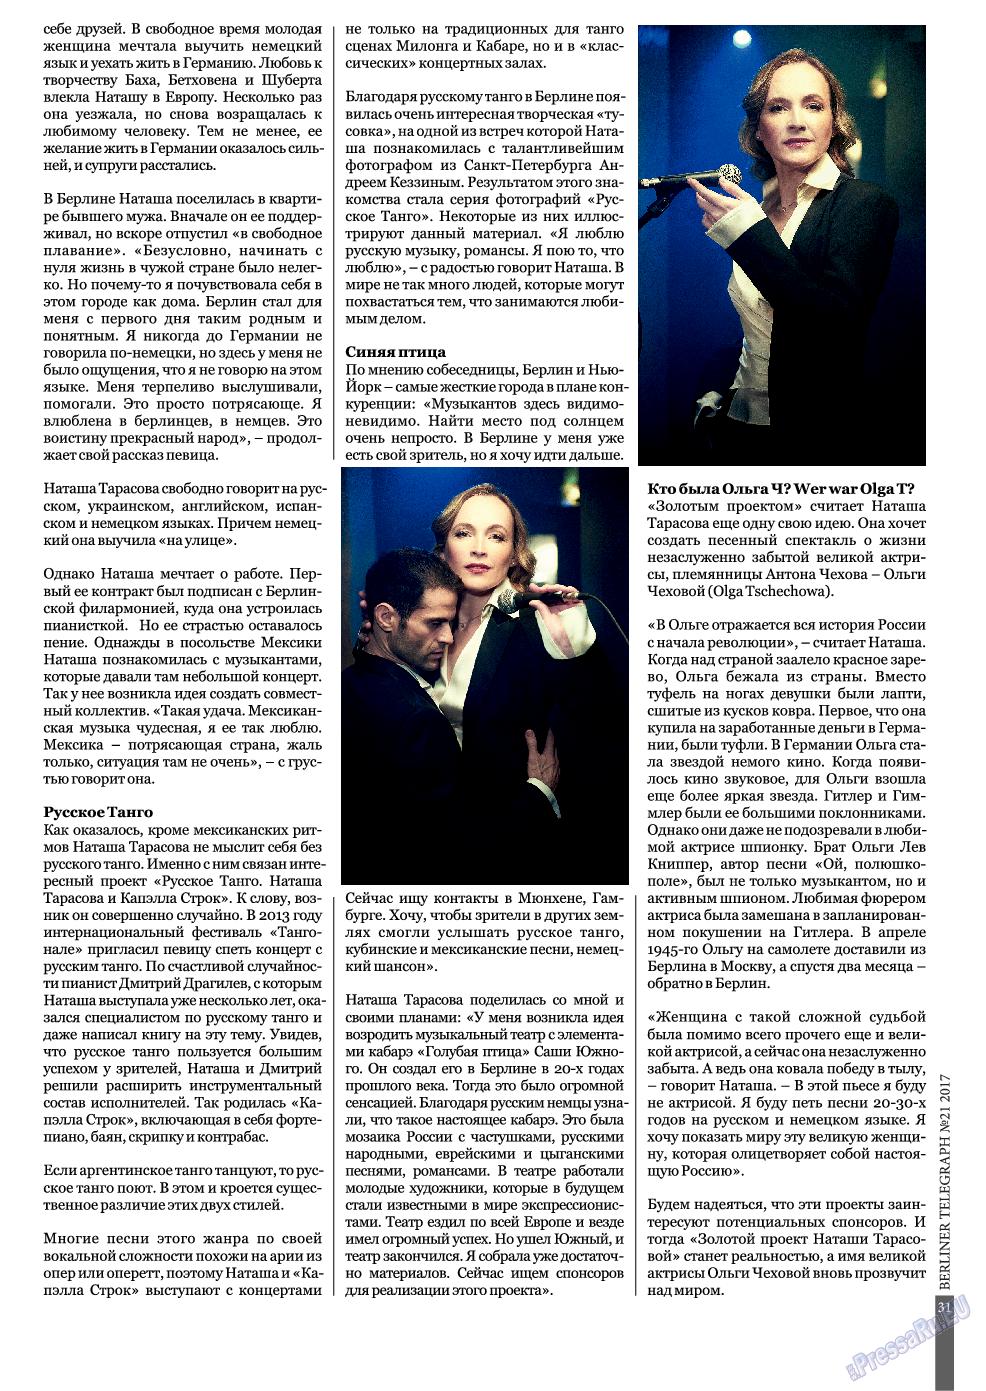 Берлинский телеграф (журнал). 2017 год, номер 21, стр. 31